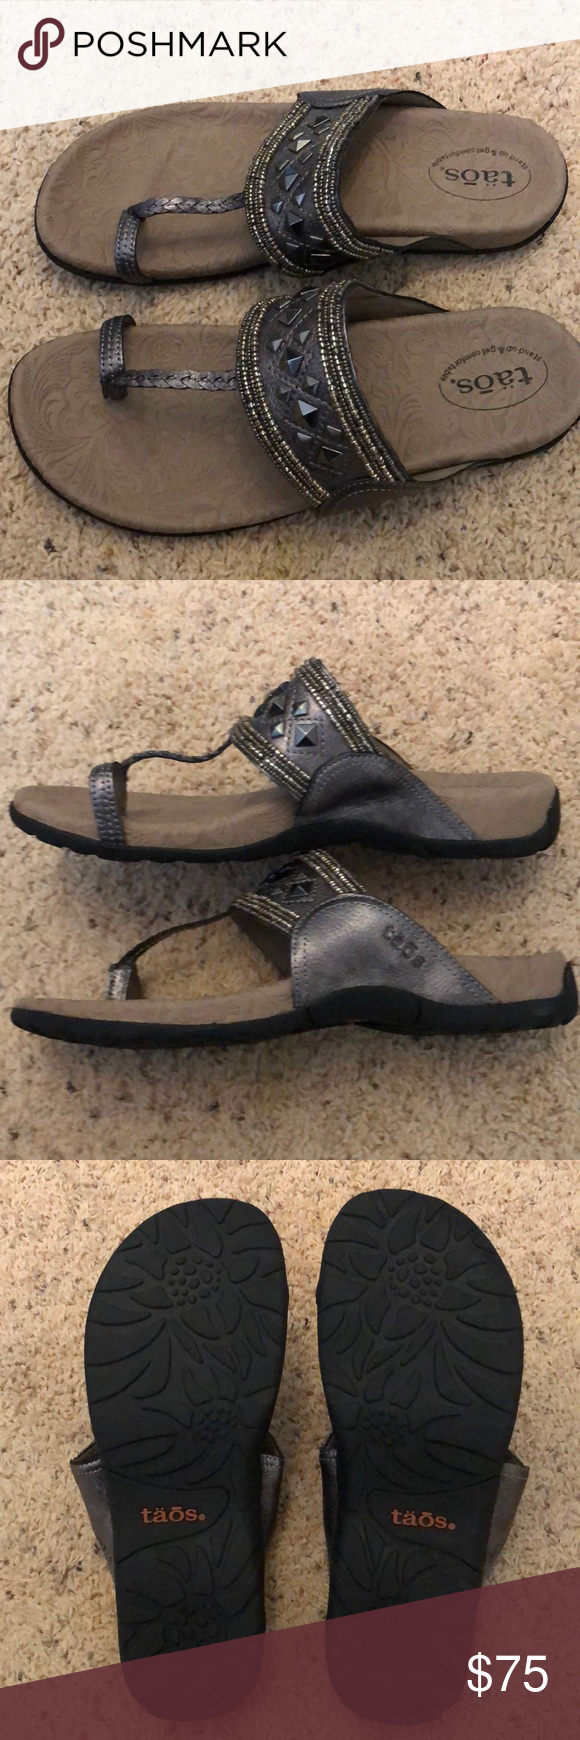 Beautiful, New Taos Genie Sandals. Size